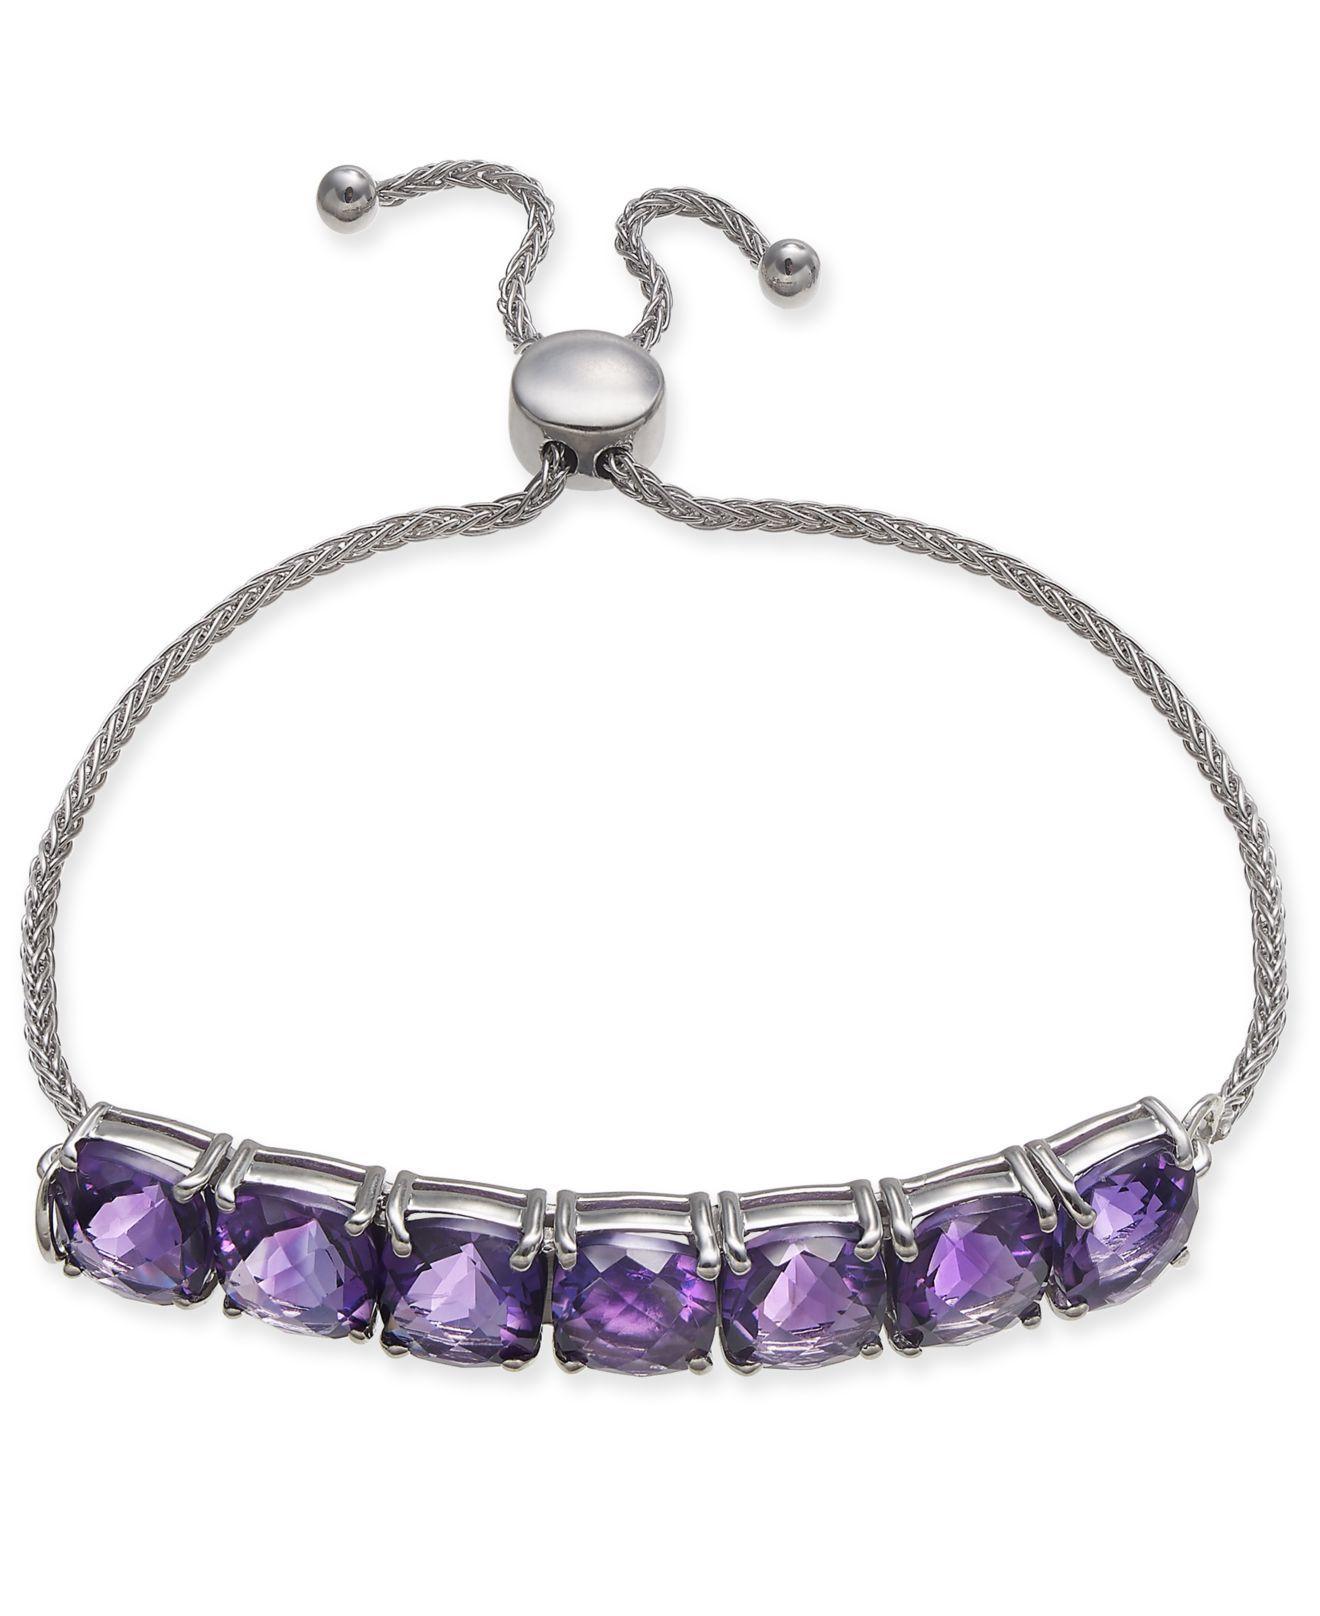 548d6f87562 Lyst - Macy's Amethyst (9-3/4 Ct. T.w.) Bolo Bracelet In Sterling ...